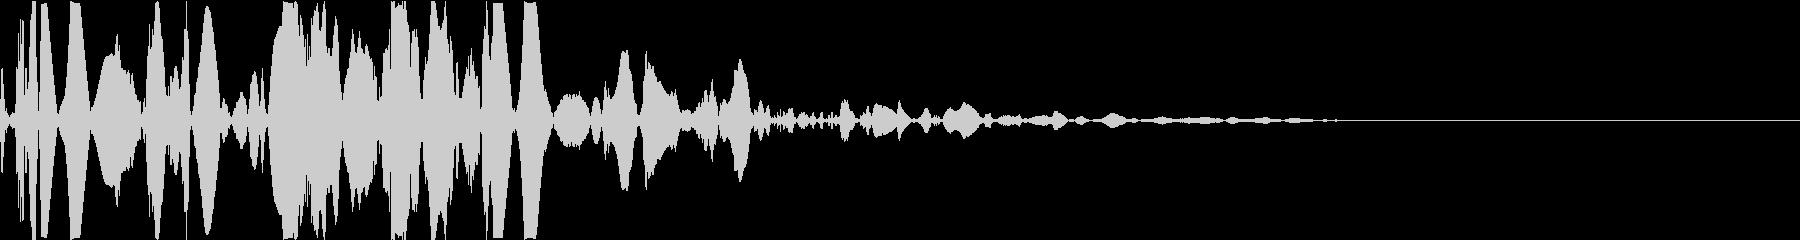 ベチャッ08(泥・液体系のアクション音)の未再生の波形